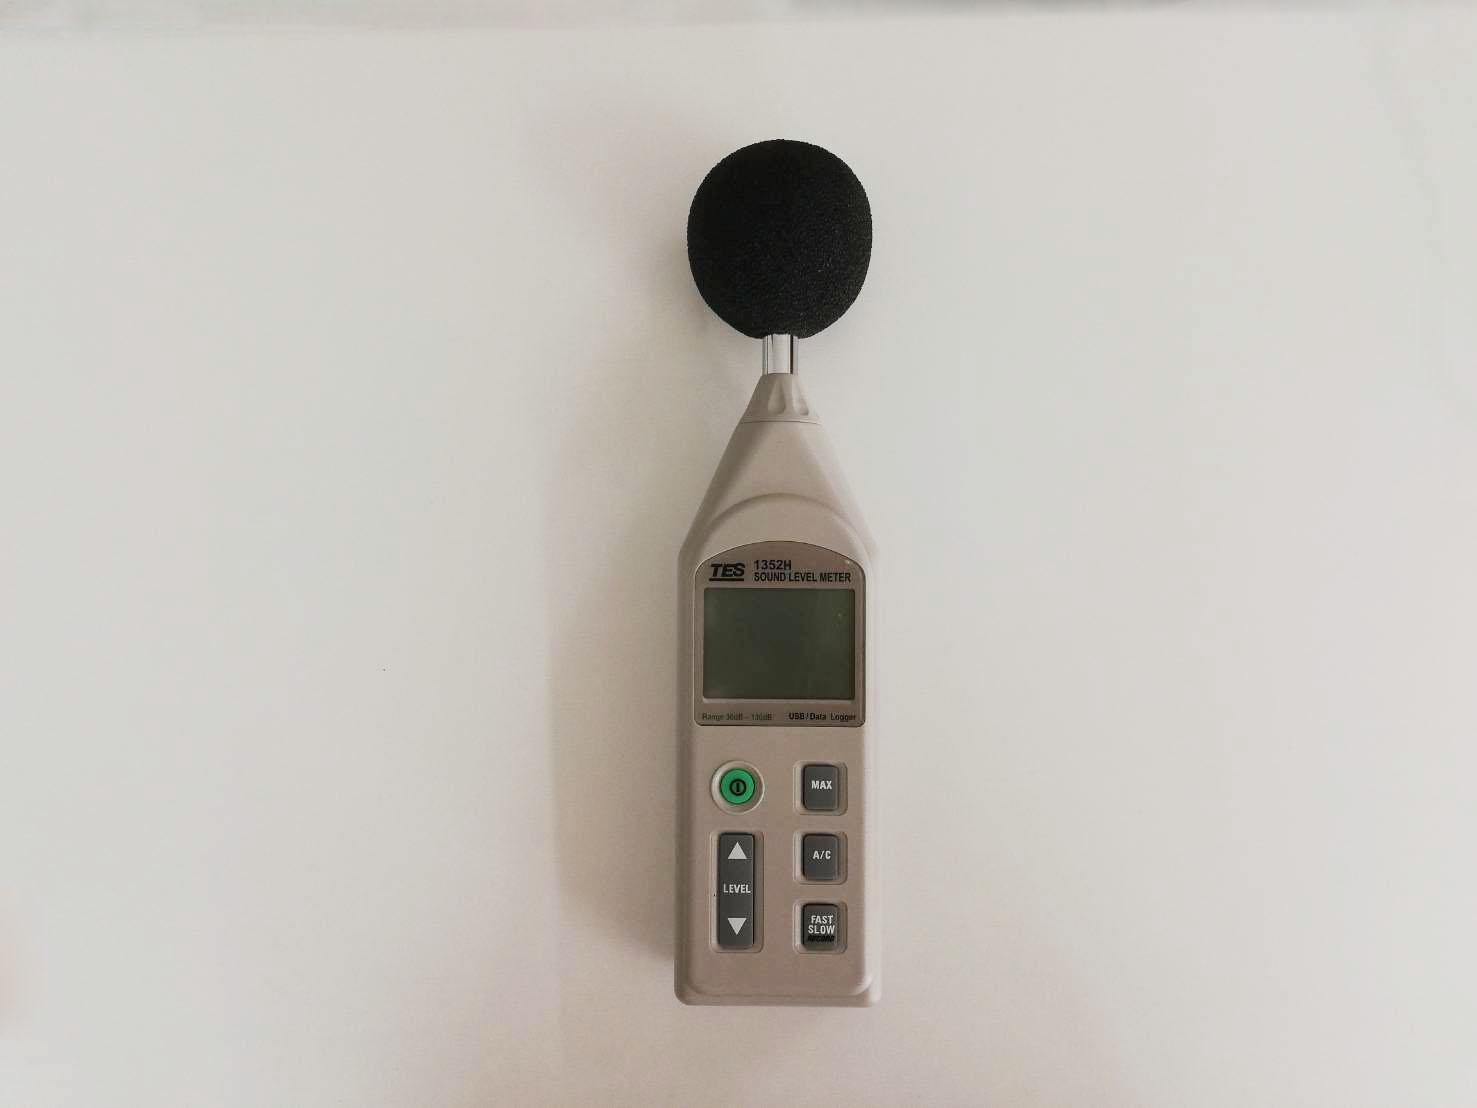 เครื่องวัดระดับเสียง TES 1352H